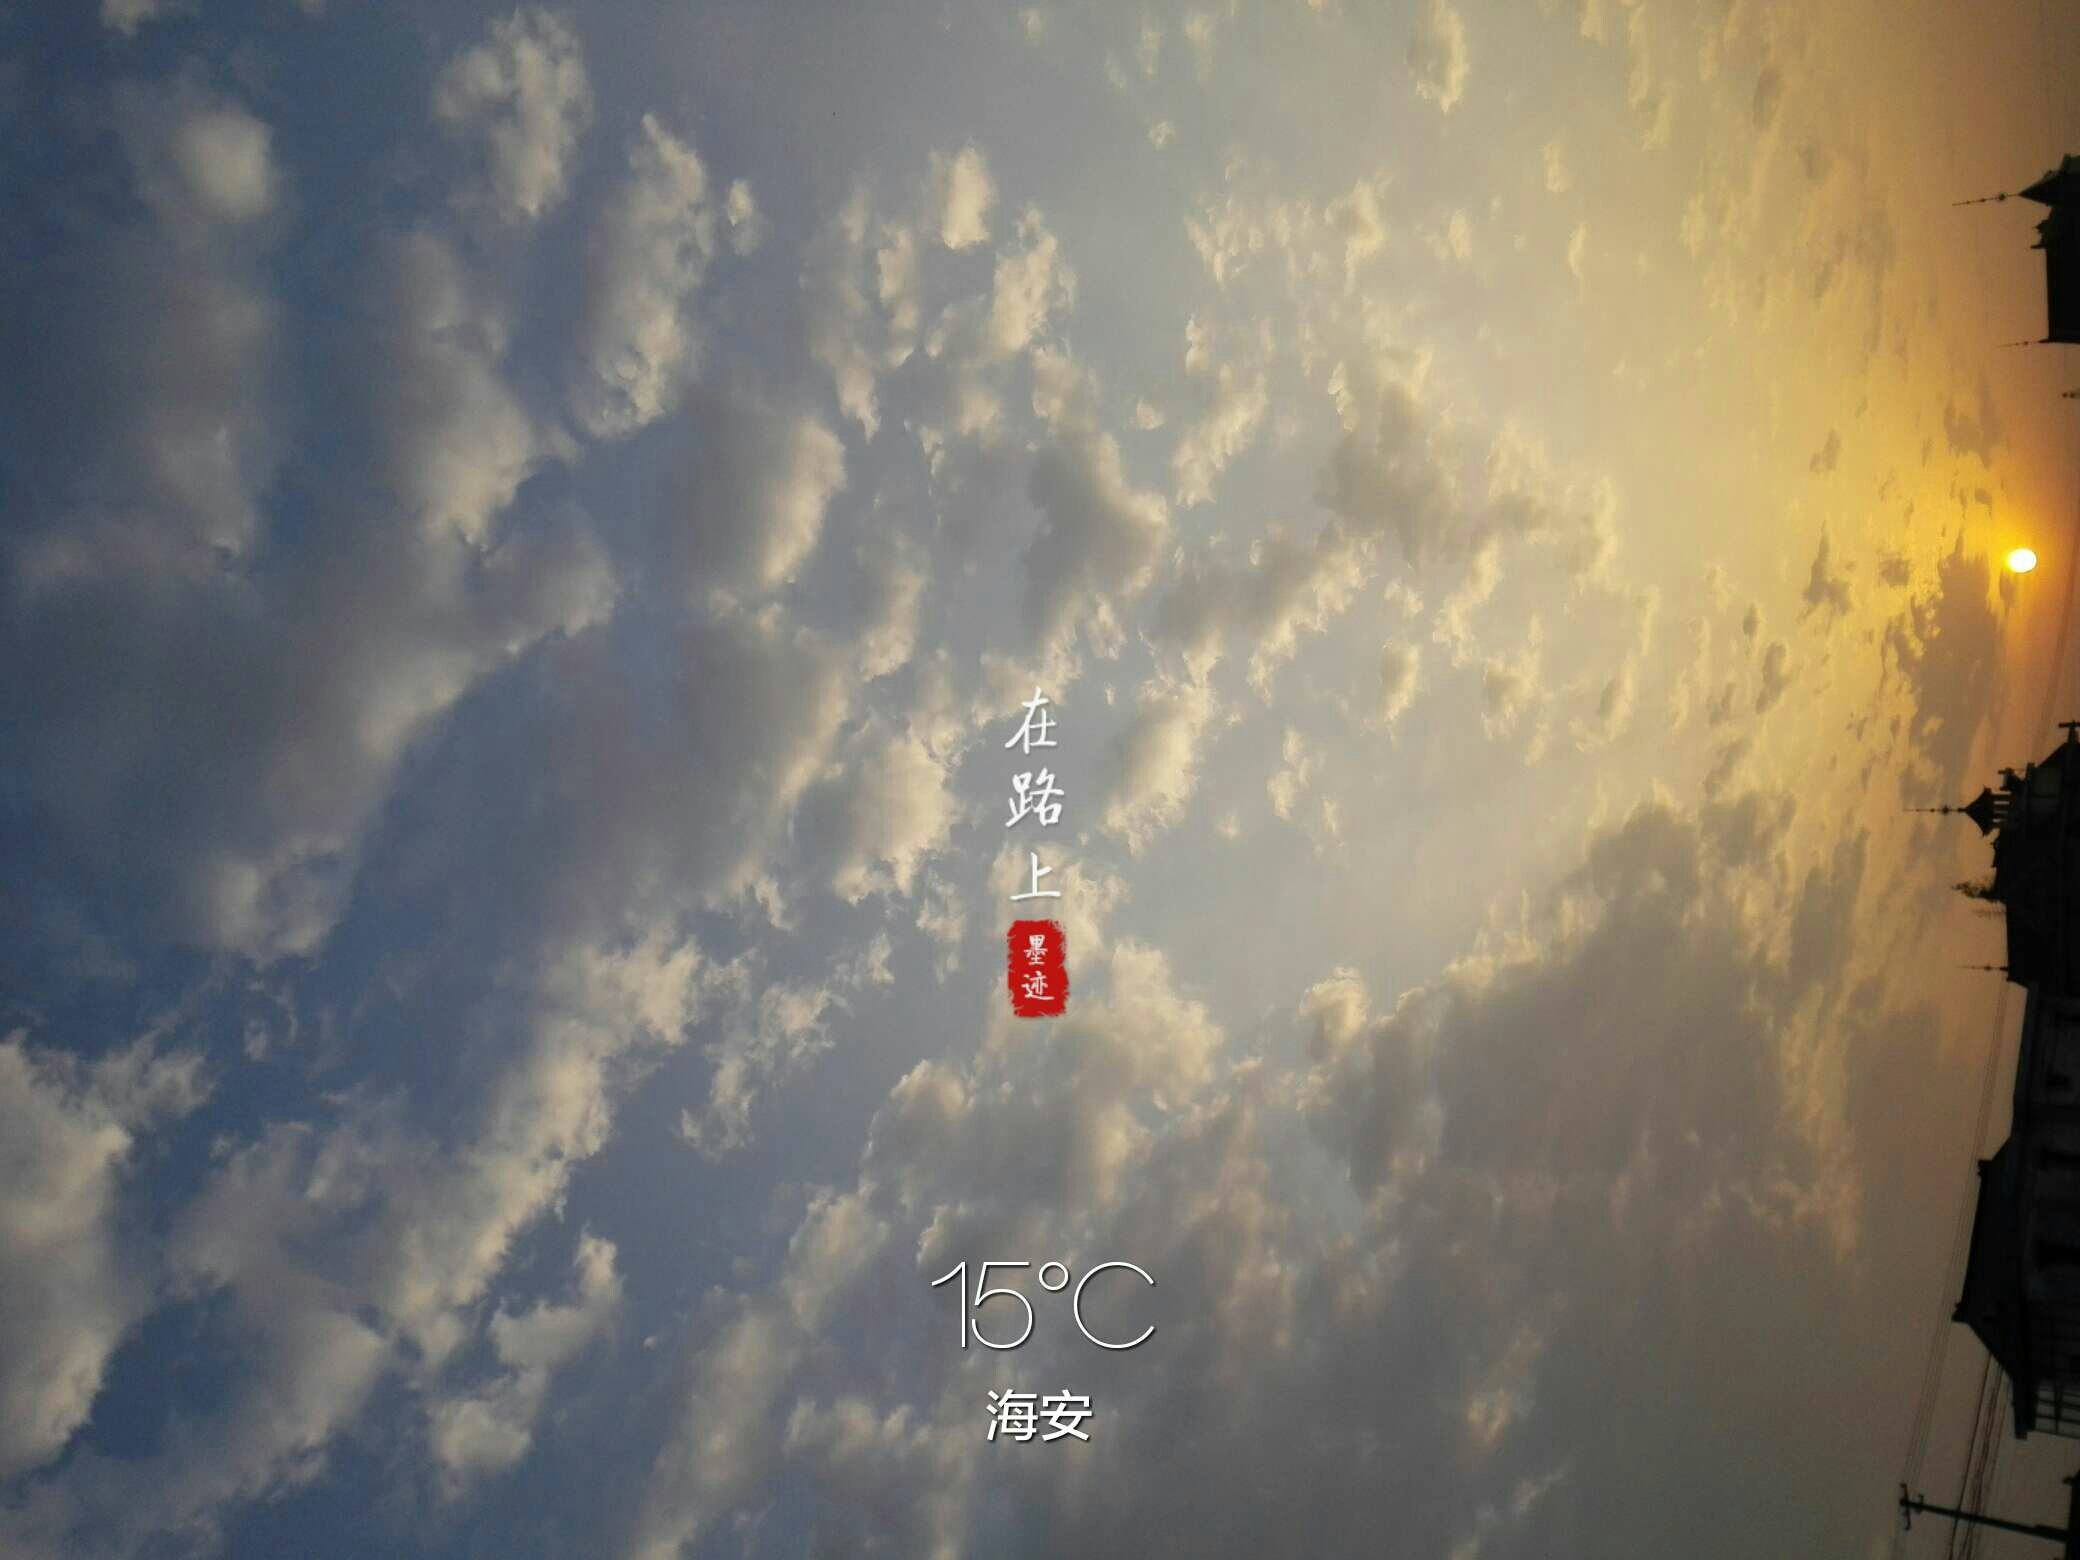 江苏省南通市海安县中坝北路67号天气预报